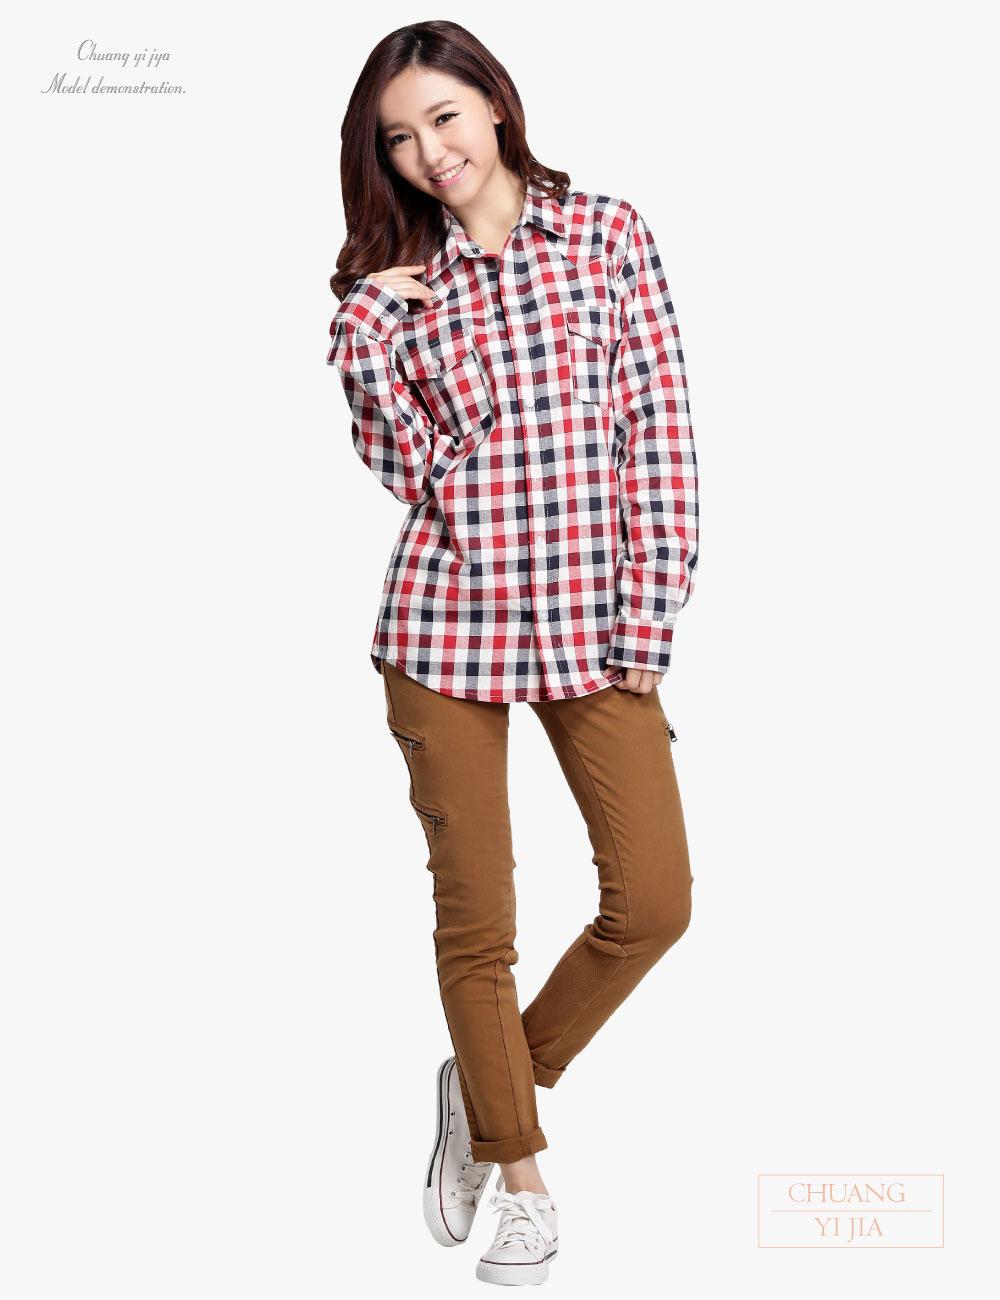 客製化工作衫,公司制服,工作服,休閒服,品牌服,襯衫女,專櫃制服,商務襯衫,短袖襯衫,長袖襯衫,訂製襯衫,白襯衫,條紋襯衫,格子襯衫,專業套裝